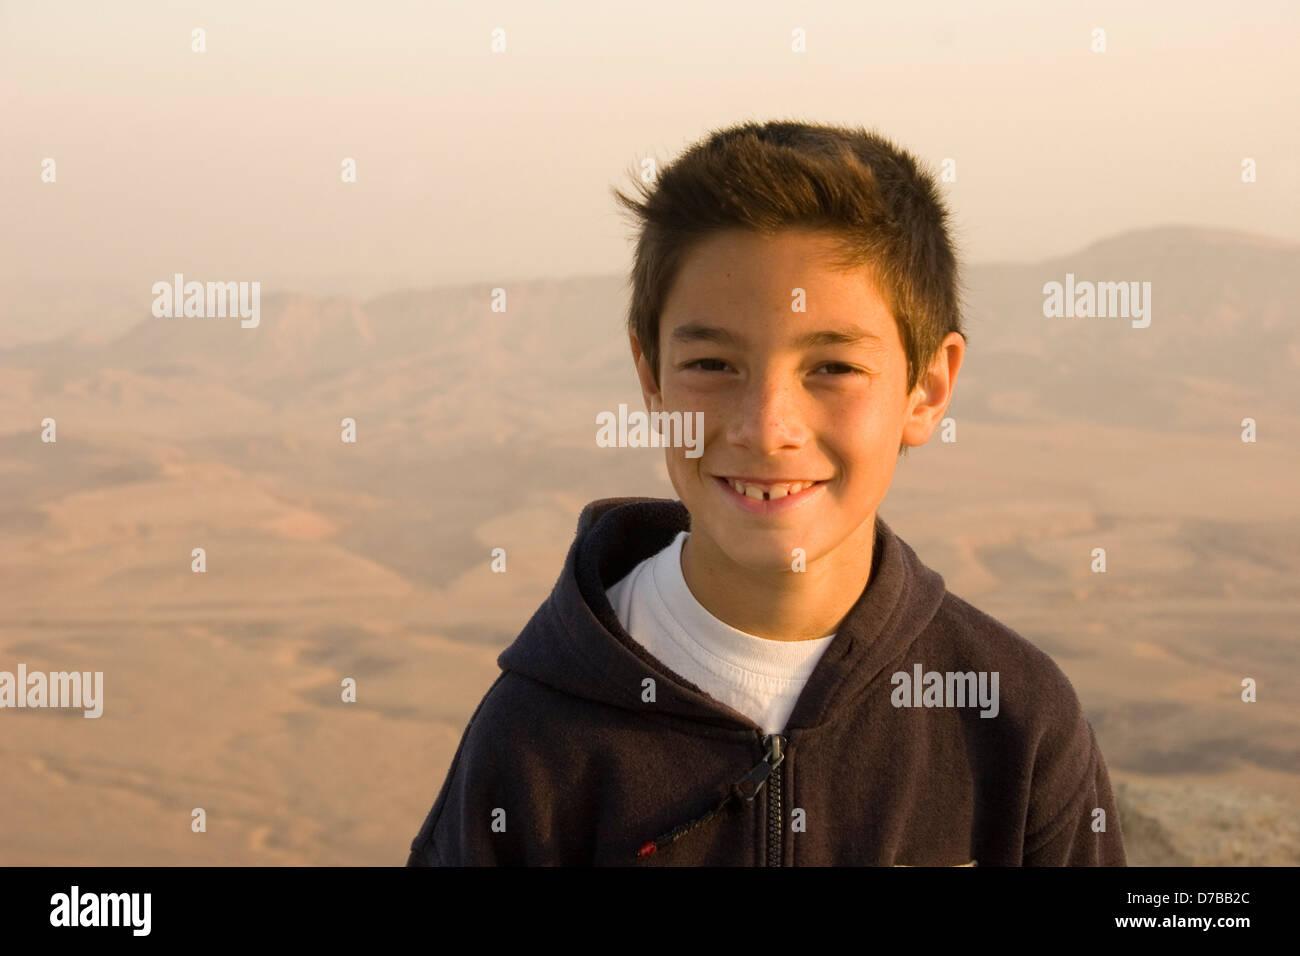 Israelischer Junge 9 Jahre alt Stockbild